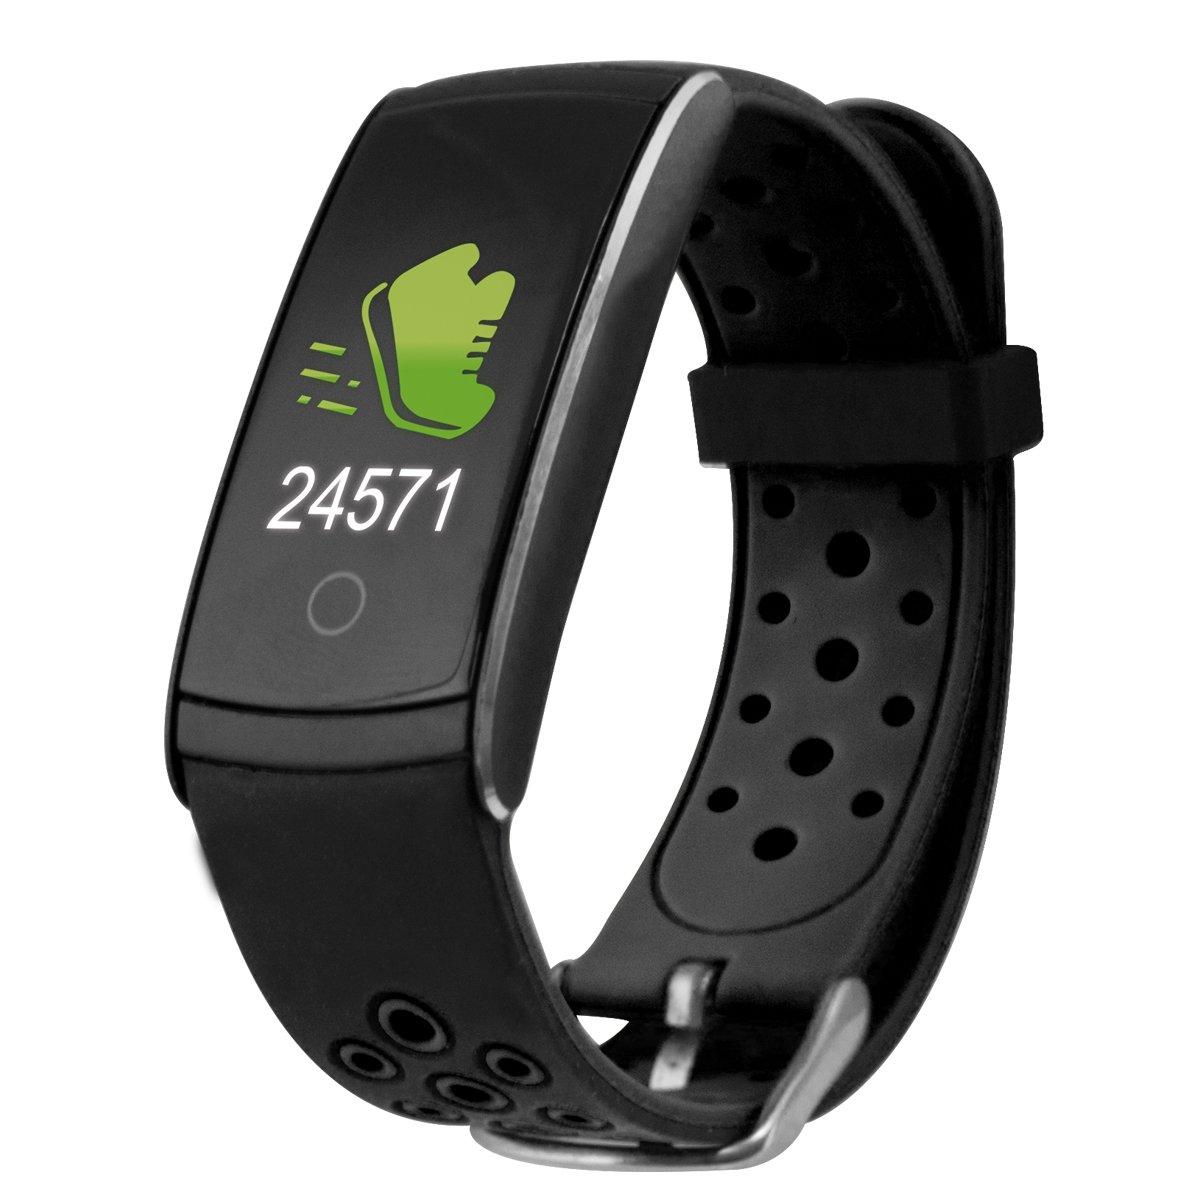 Ksix Fitness Band HR2 - Pulsera Deportiva con Monitorización Completa de la Actividad Física, Color Negro